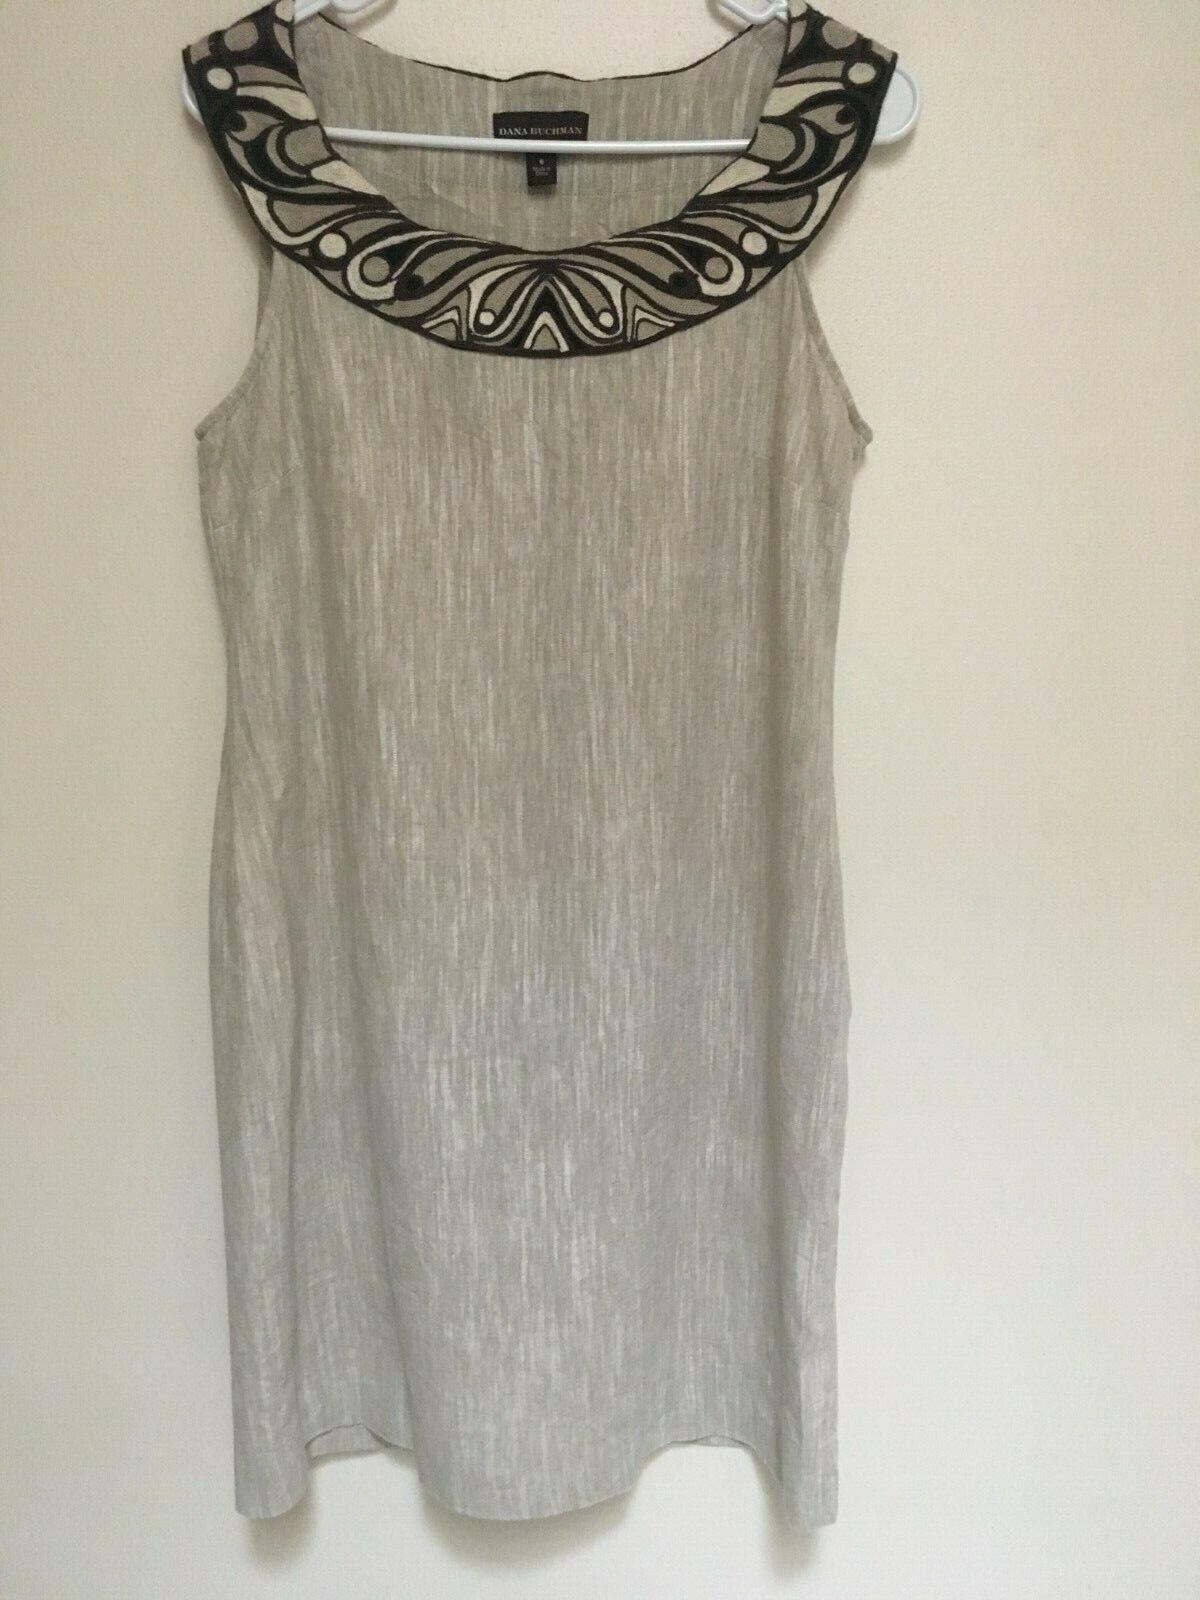 DANA BUCHMAN Womens Embroid Scooped Neck Sleveless Beige Linen Blend Zipper VGC